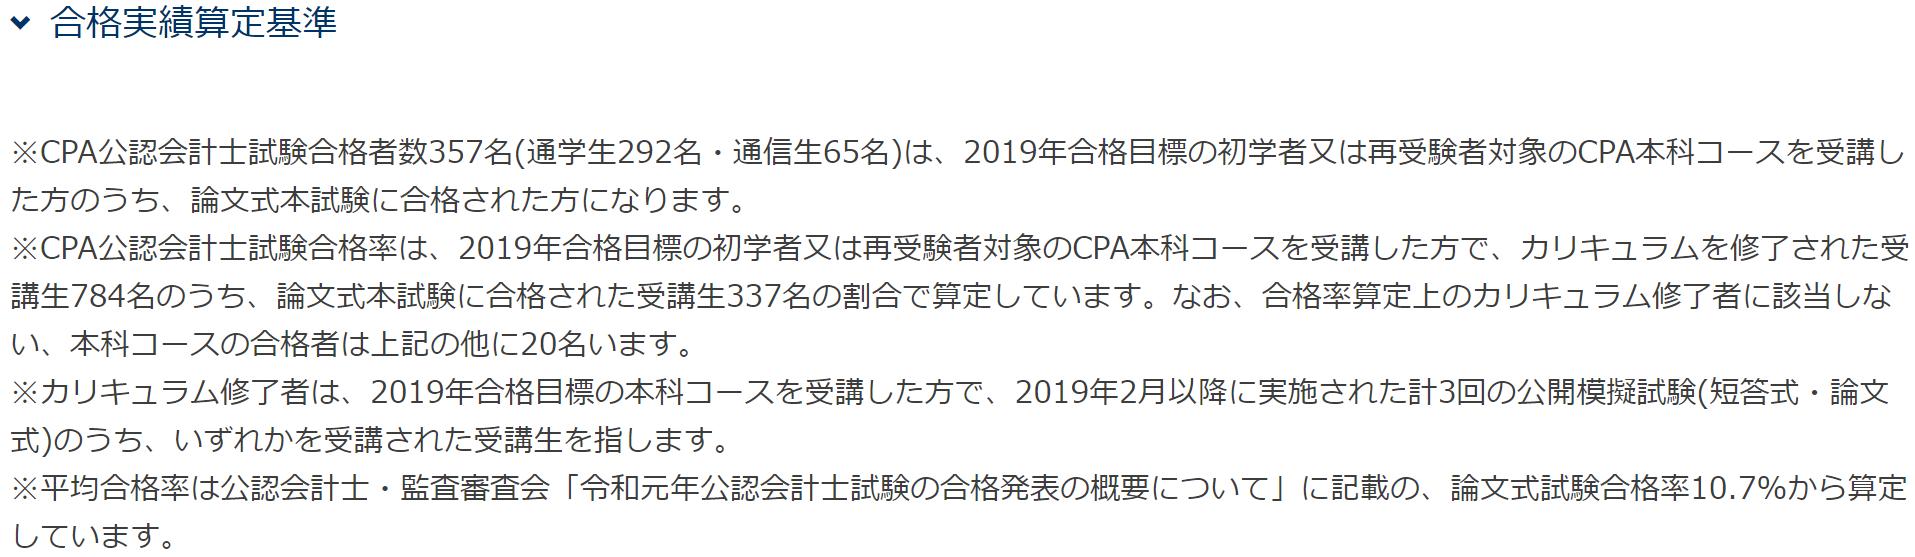 東京CPA合格実績算定基準